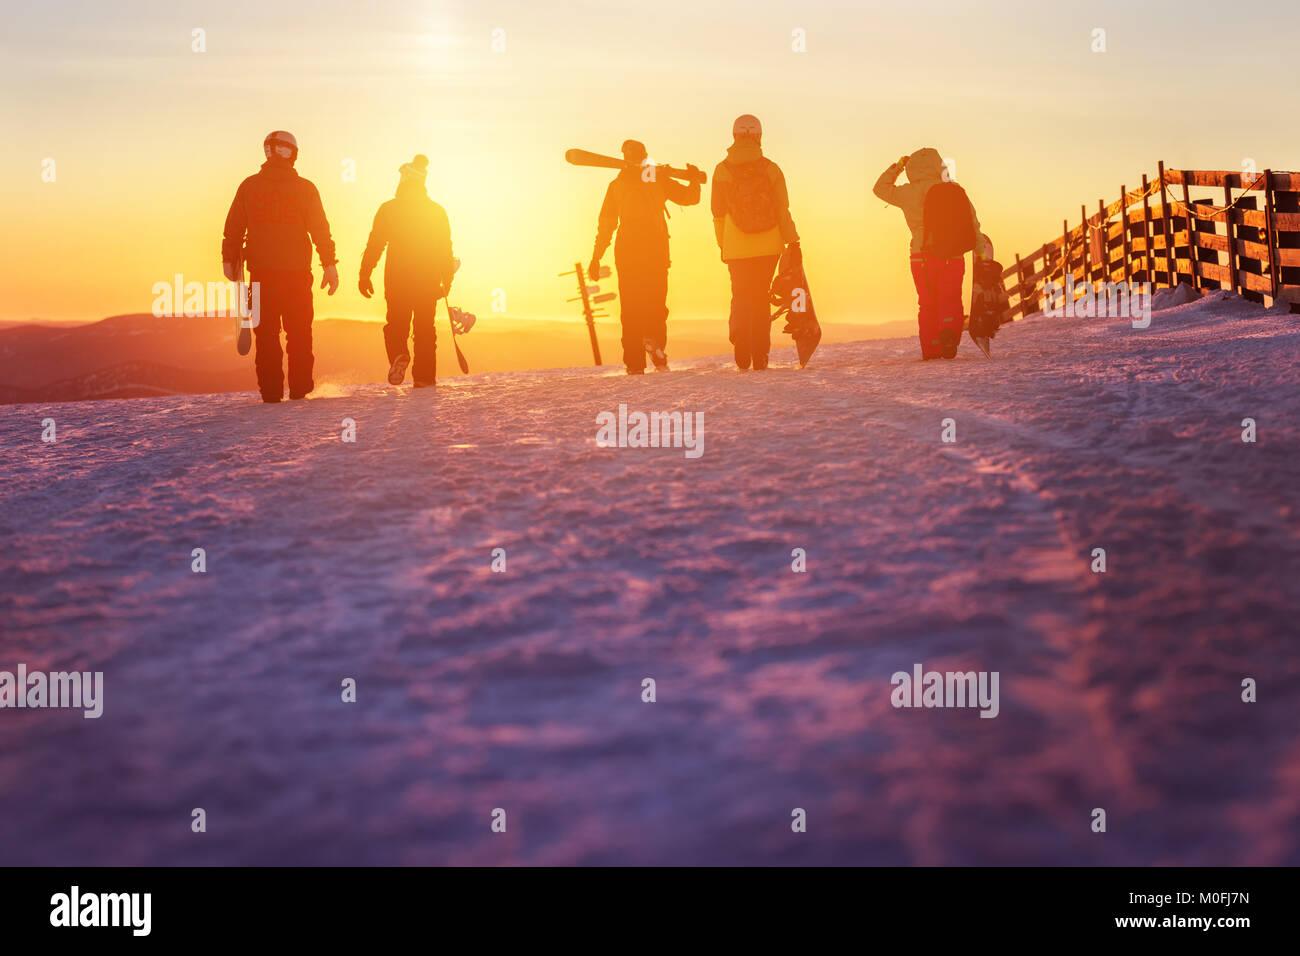 Les amis de ski et snowboards balade au coucher du soleil Photo Stock